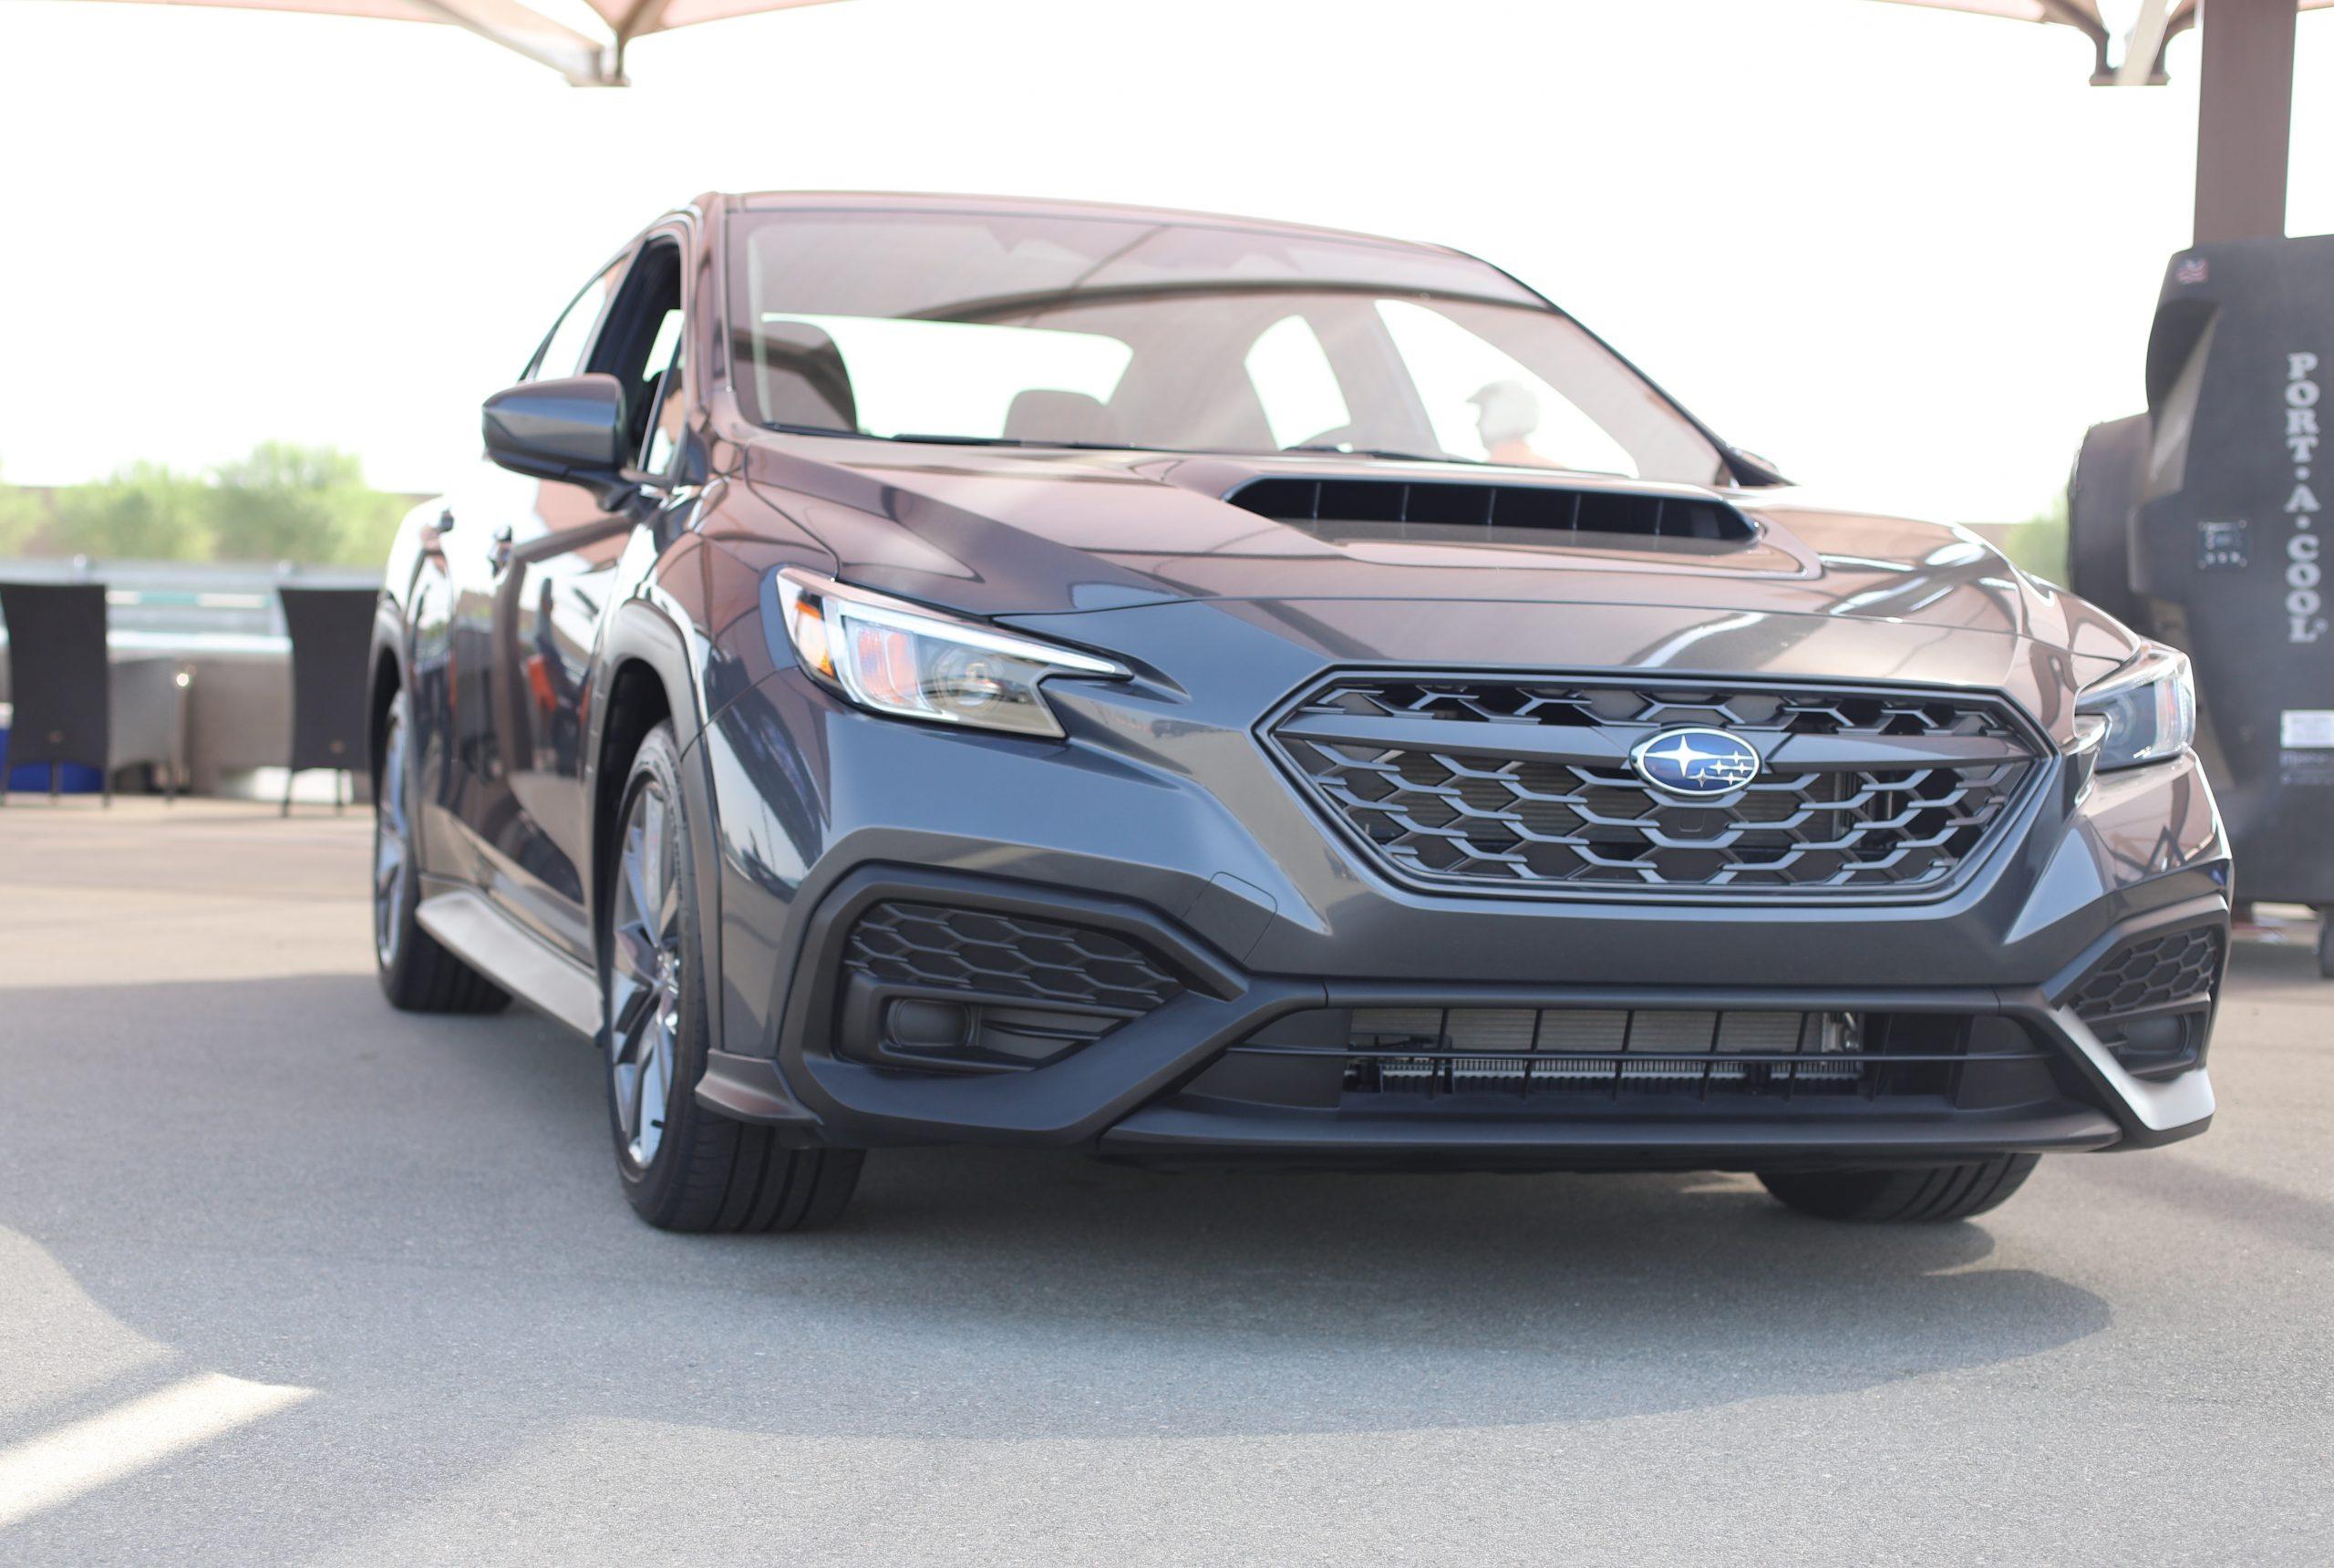 2022 Subaru WRX graphite front